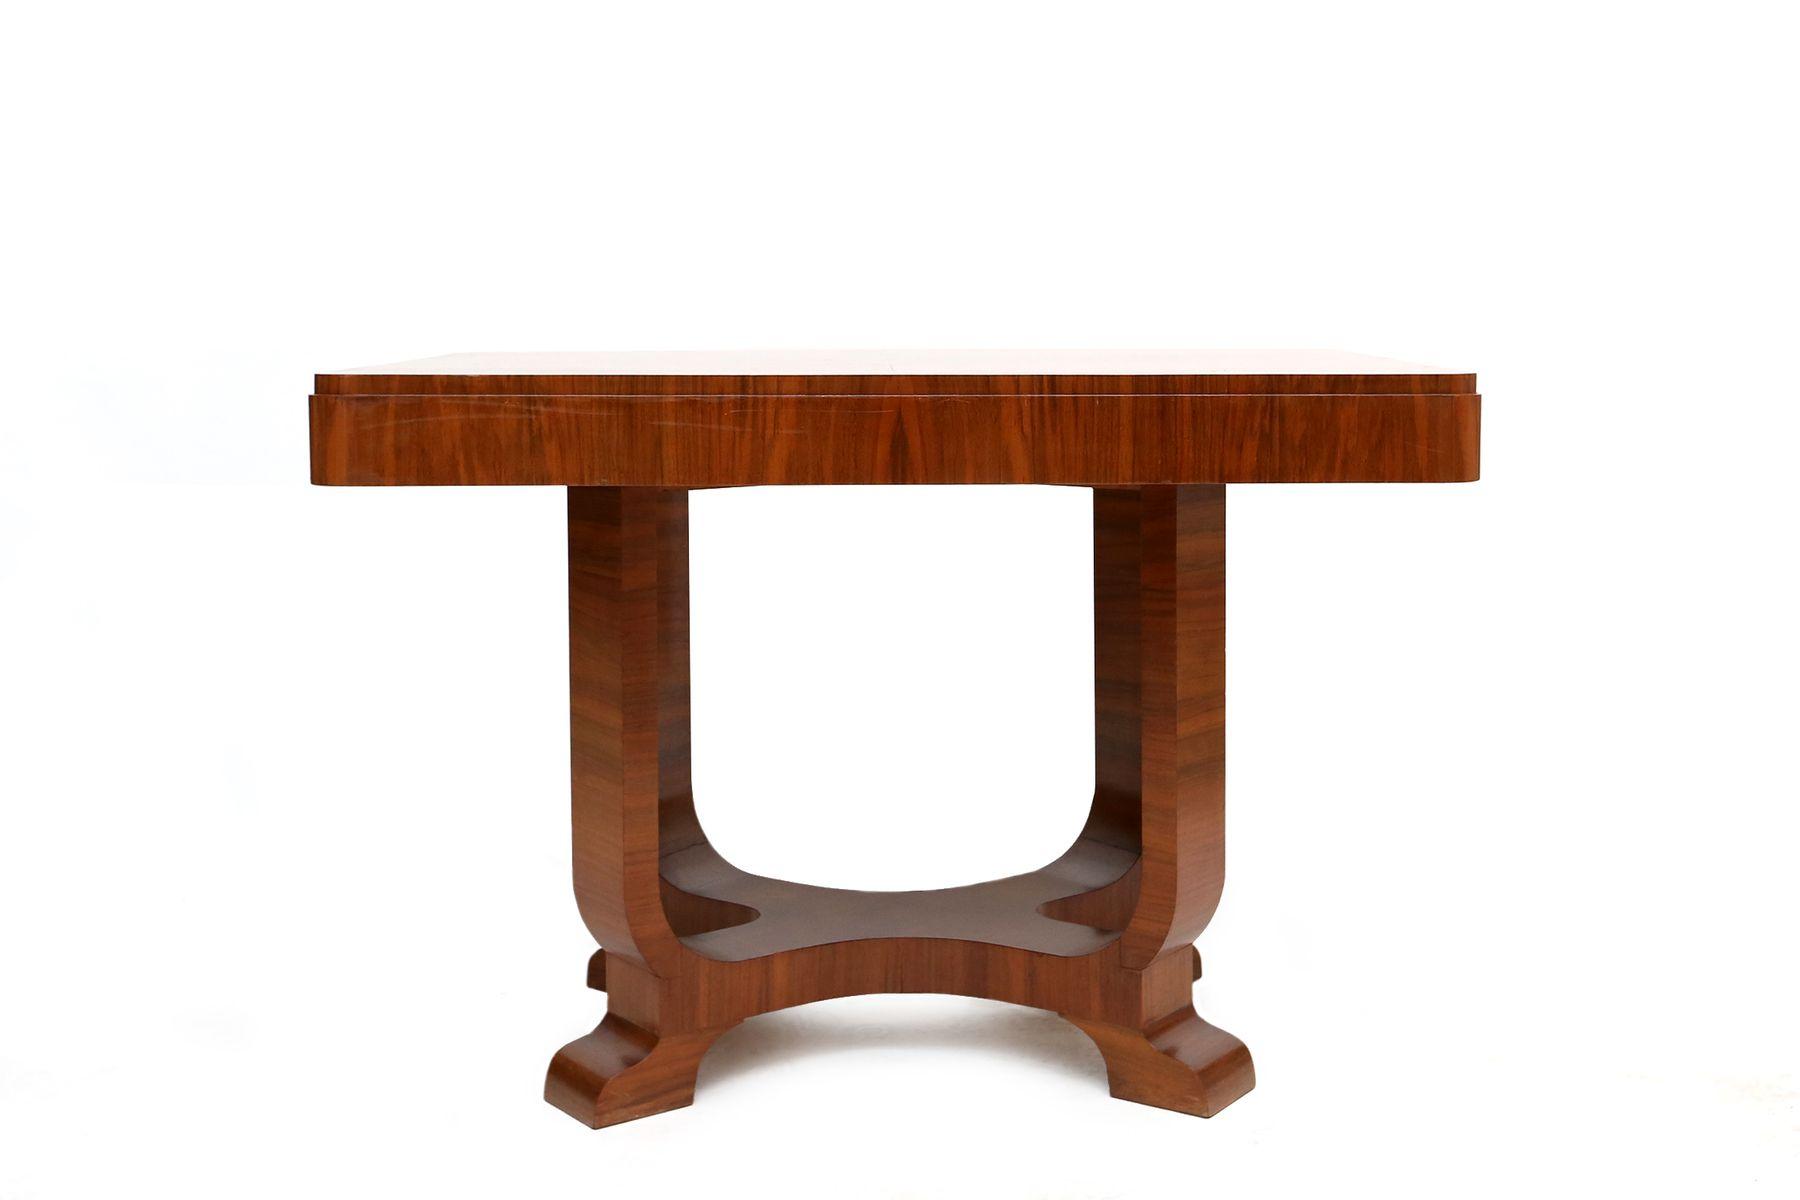 Französischer Art Deco Palisander Tisch, 1950er bei Pamono kaufen